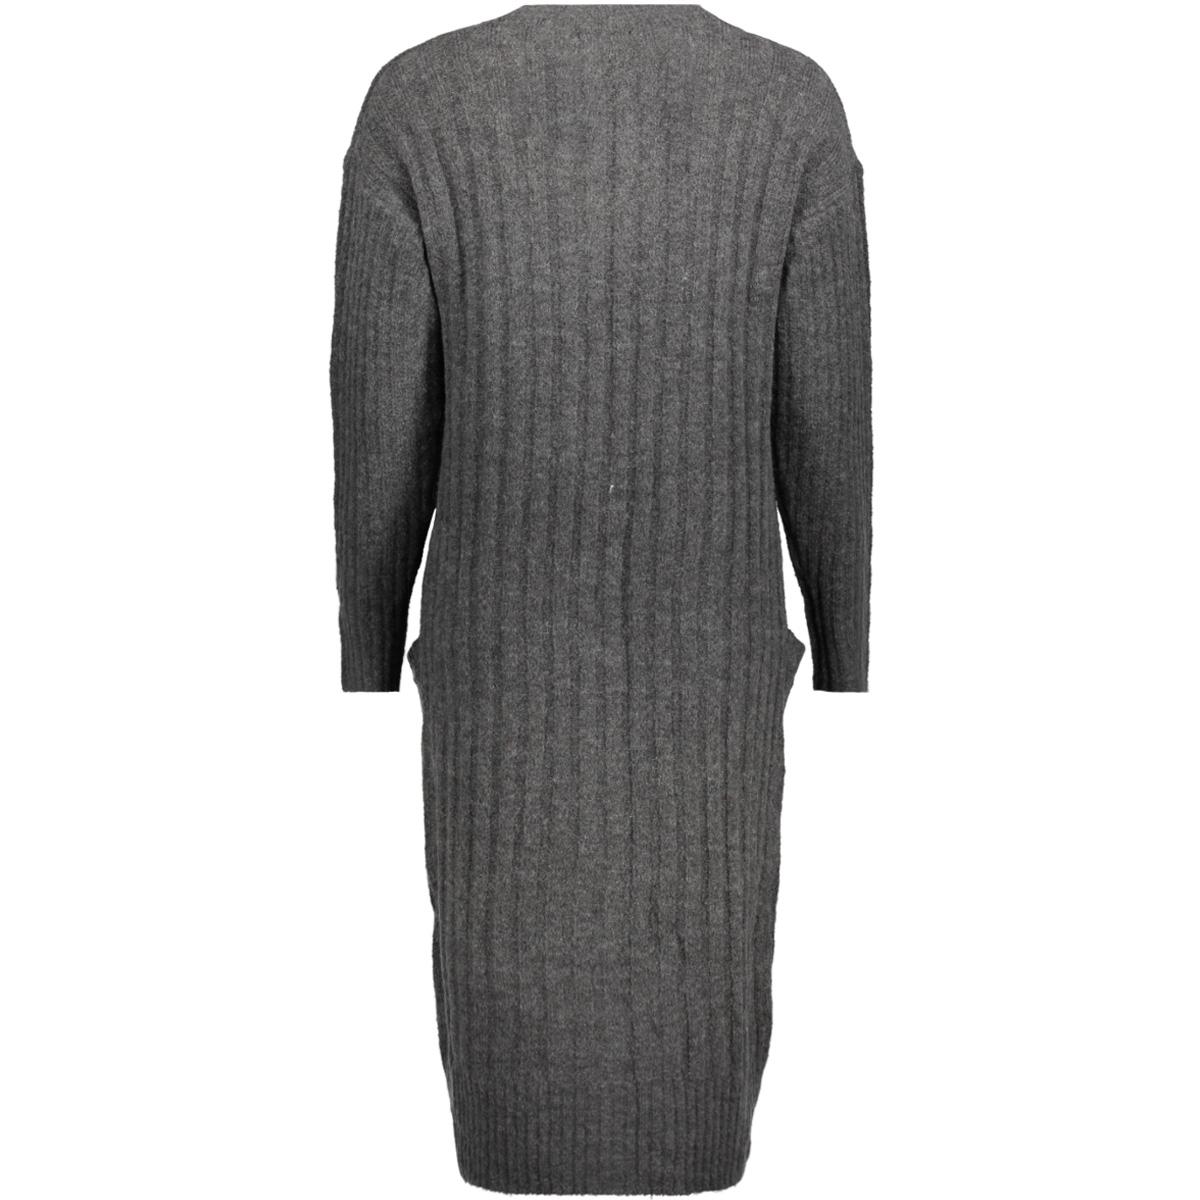 jdyserena l/s cardigan knt 15137091 jacqueline de yong vest dark grey melange